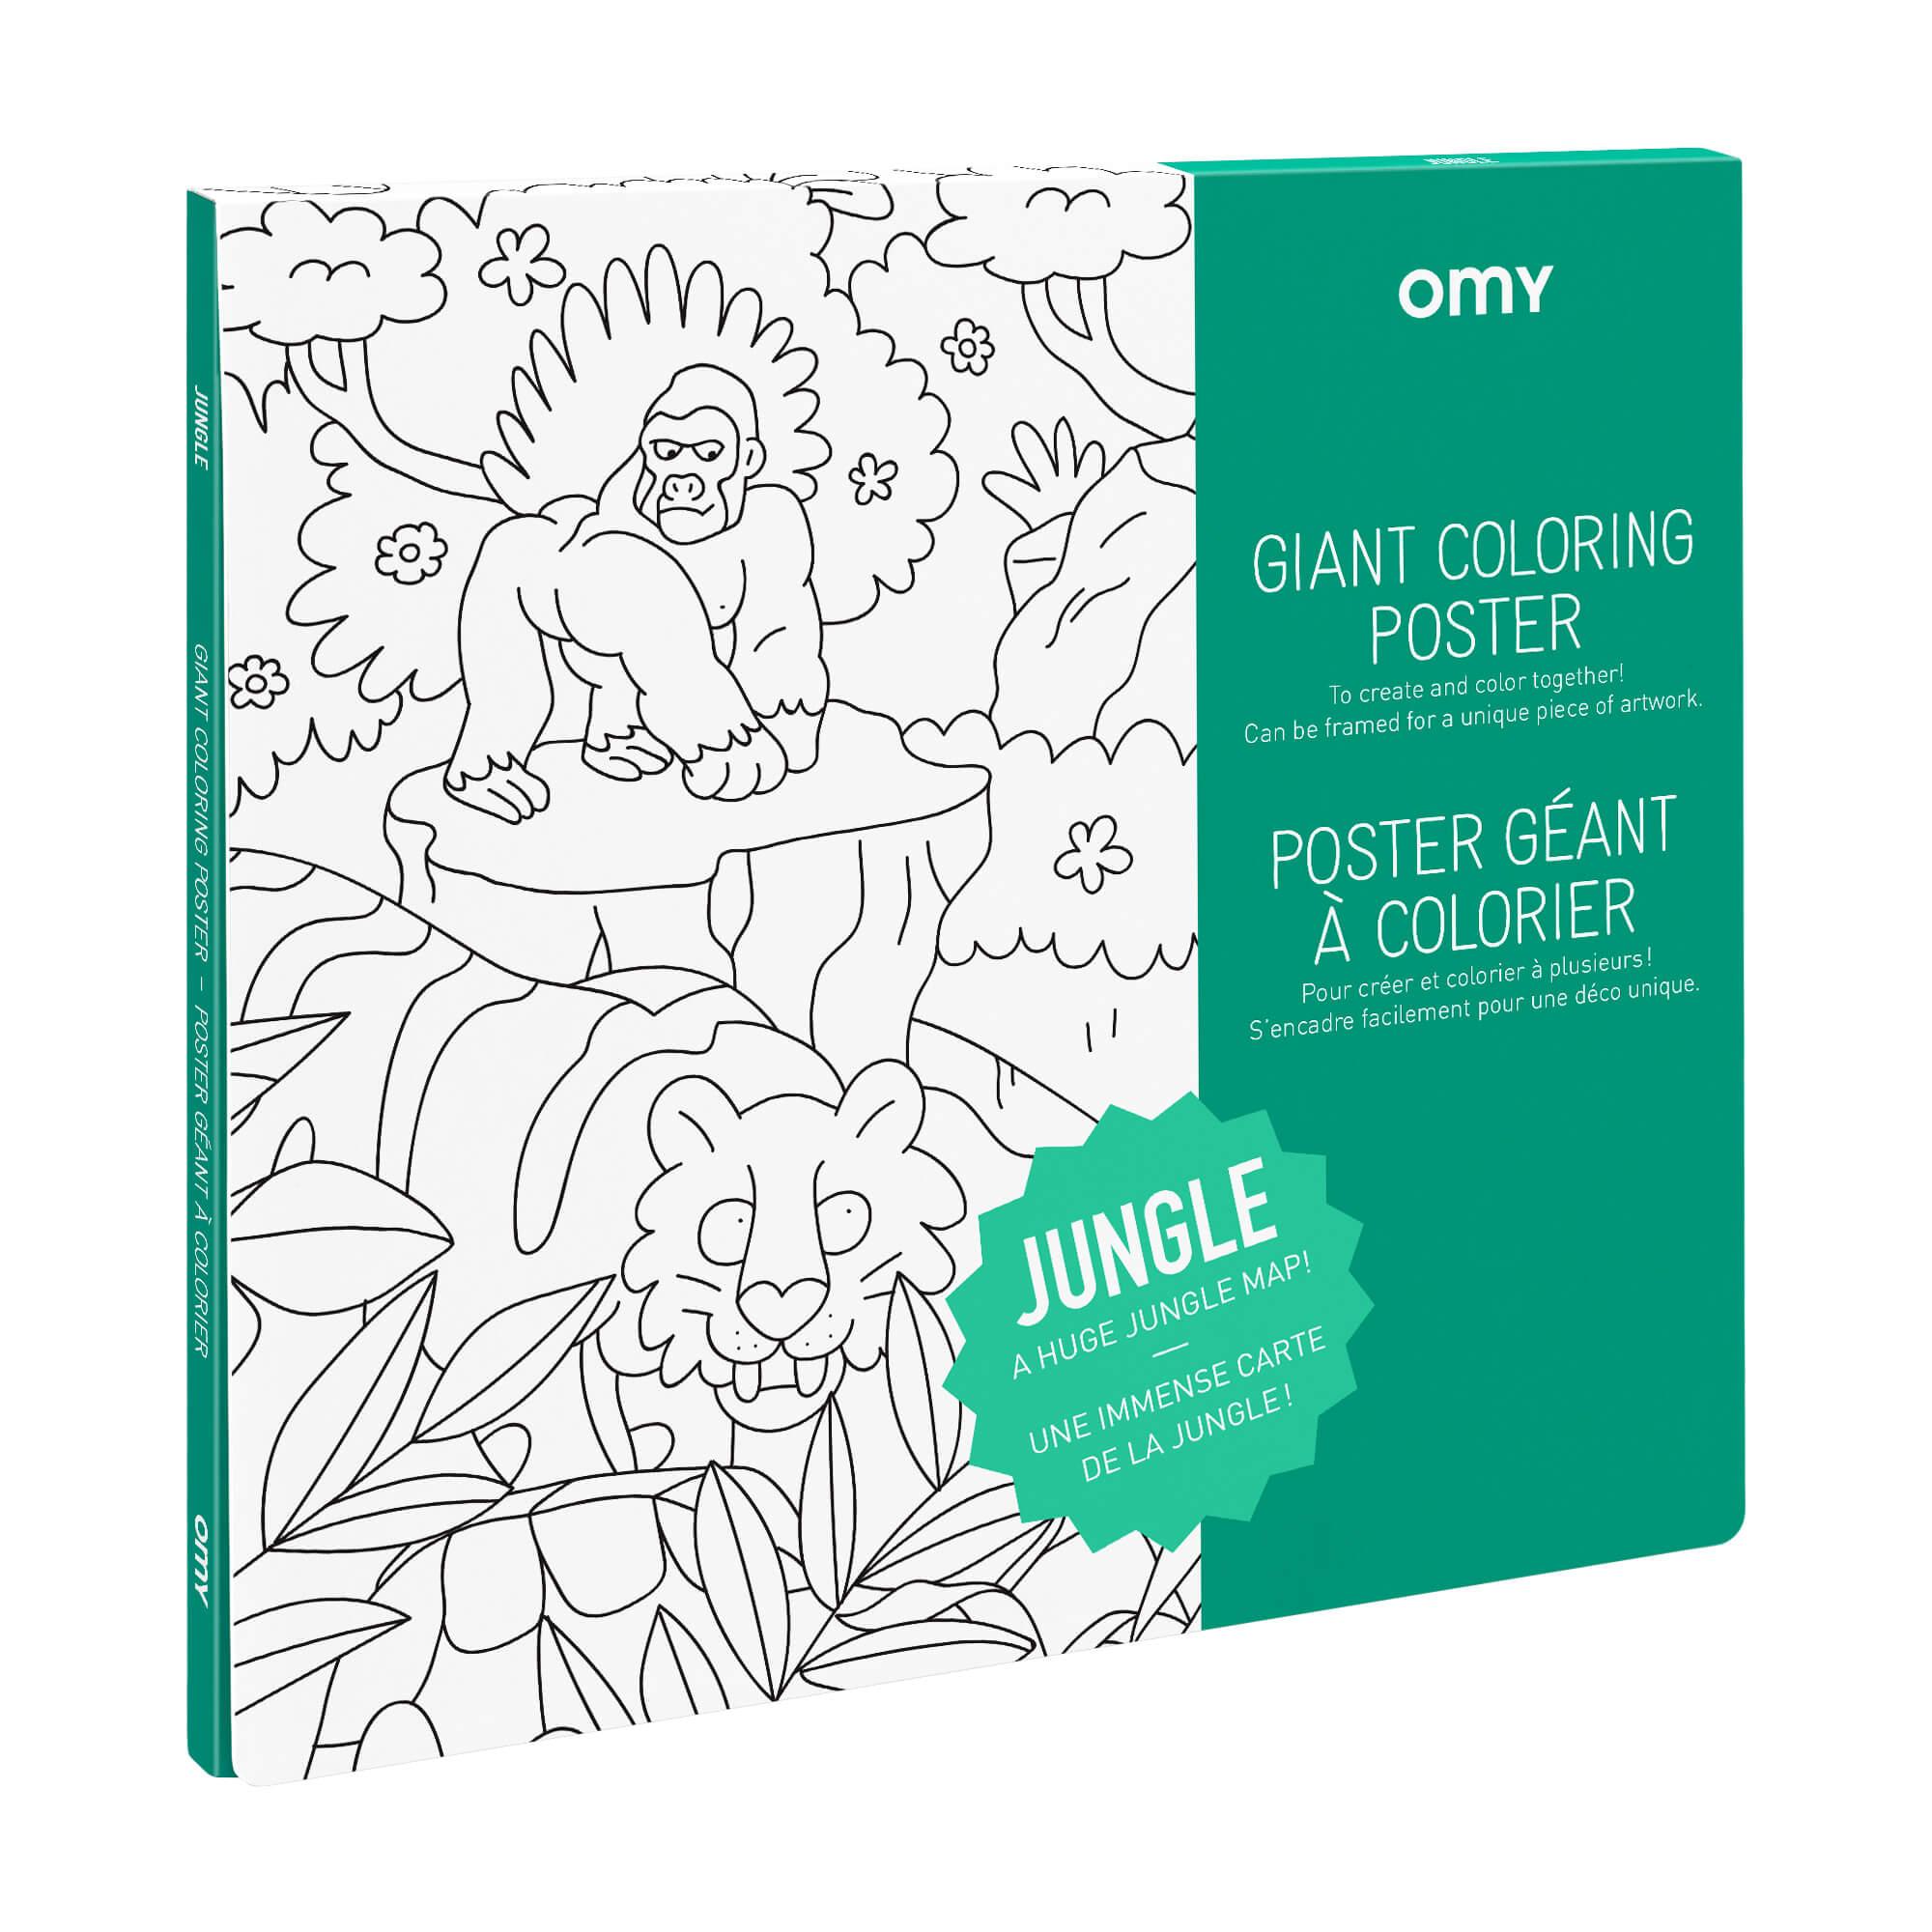 Poster Géant à colorier JUNGLE by OMY